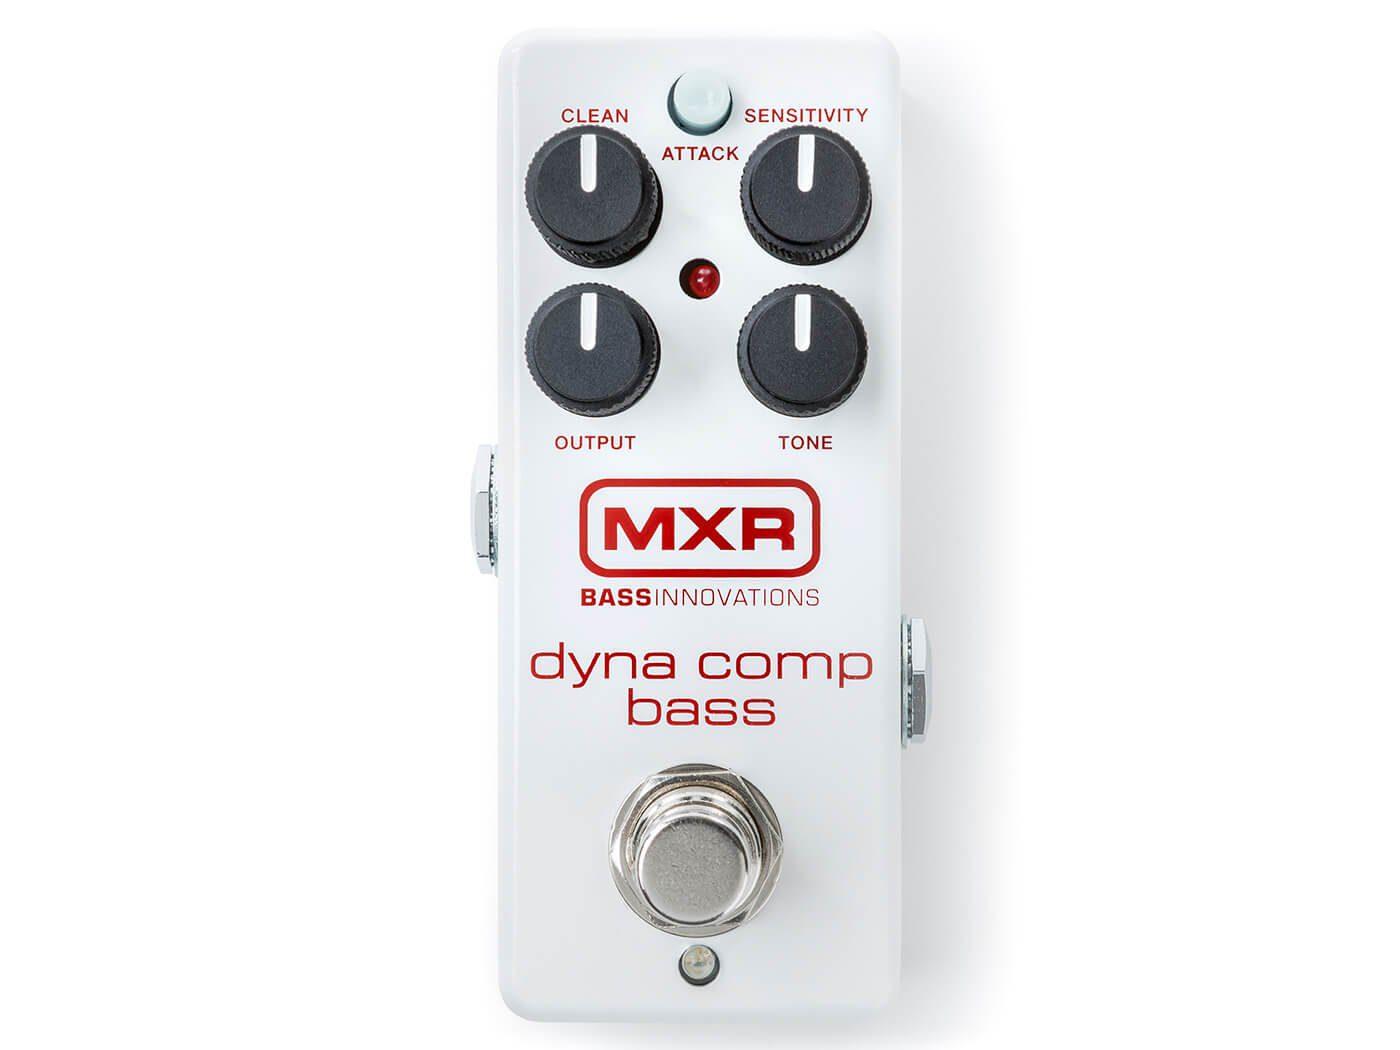 mxr-dyna-compbass-compressor@1400x1050